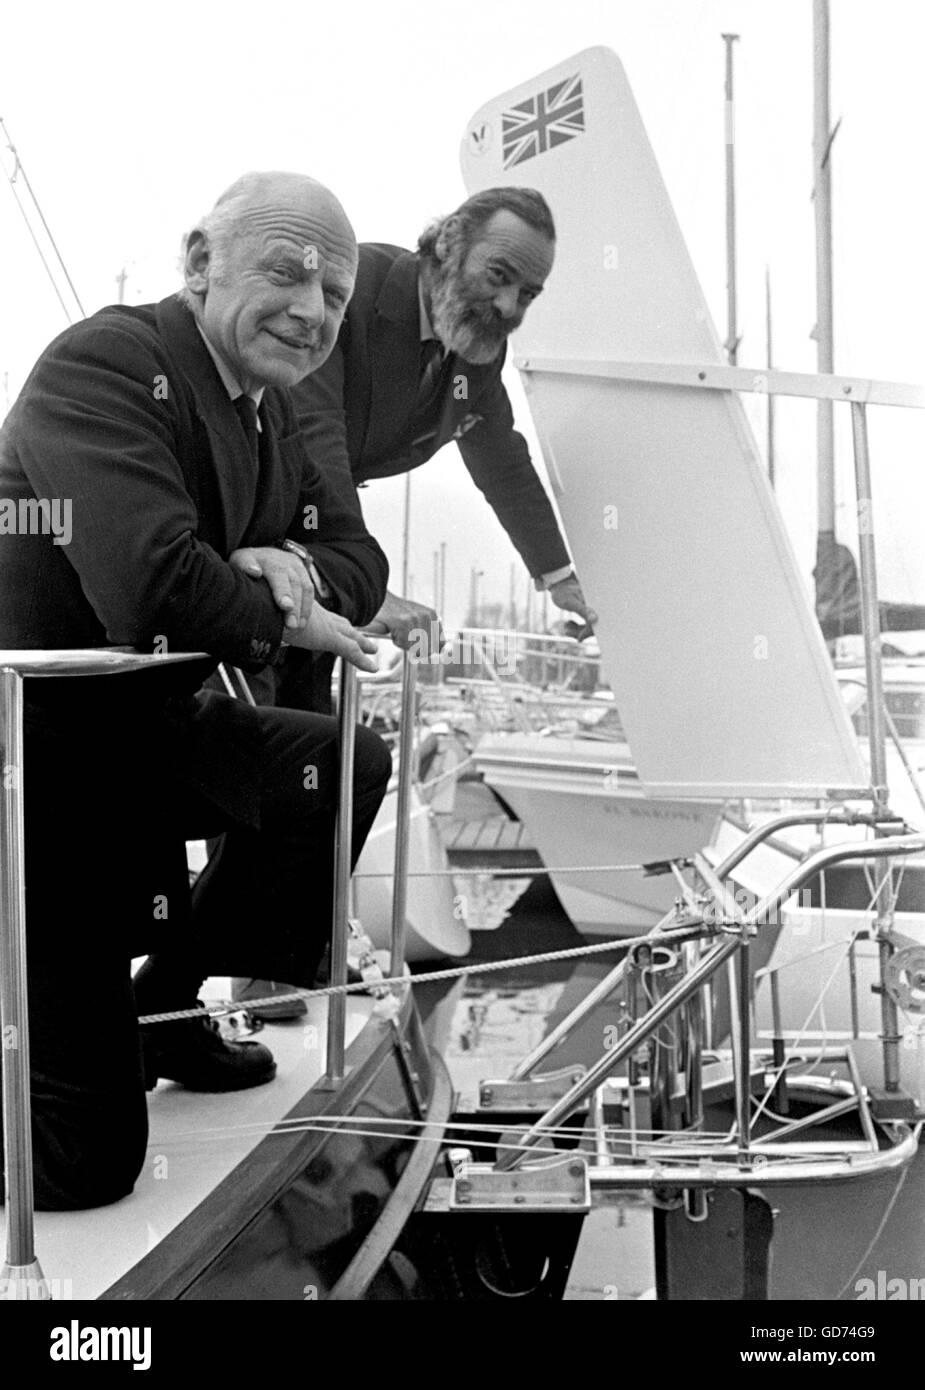 AJAXNETPHOTO. 1976. SWANICK, Inglaterra. (R-L) ANGUS PRIMROSE (con barba) Y BLONDIE HASLER en demonio DEMO, UN MOODY Imagen De Stock